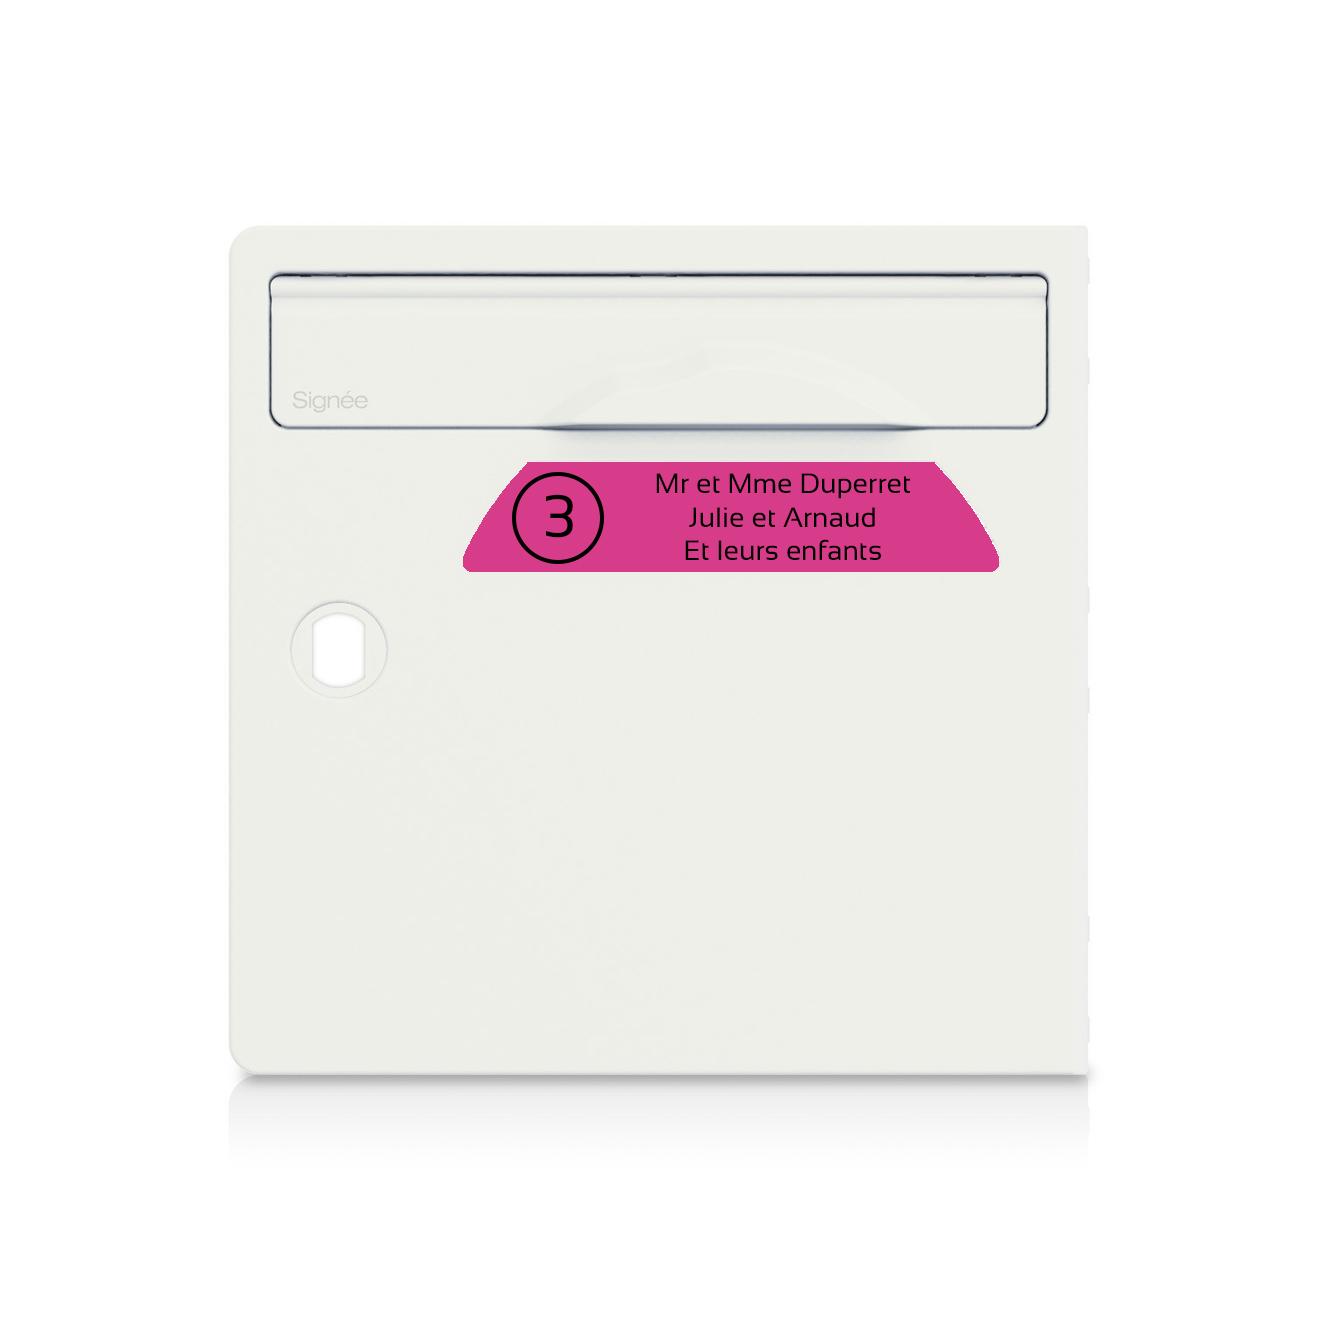 Plaque boite aux lettres Signée NUMERO rose lettres noires - 3 lignes